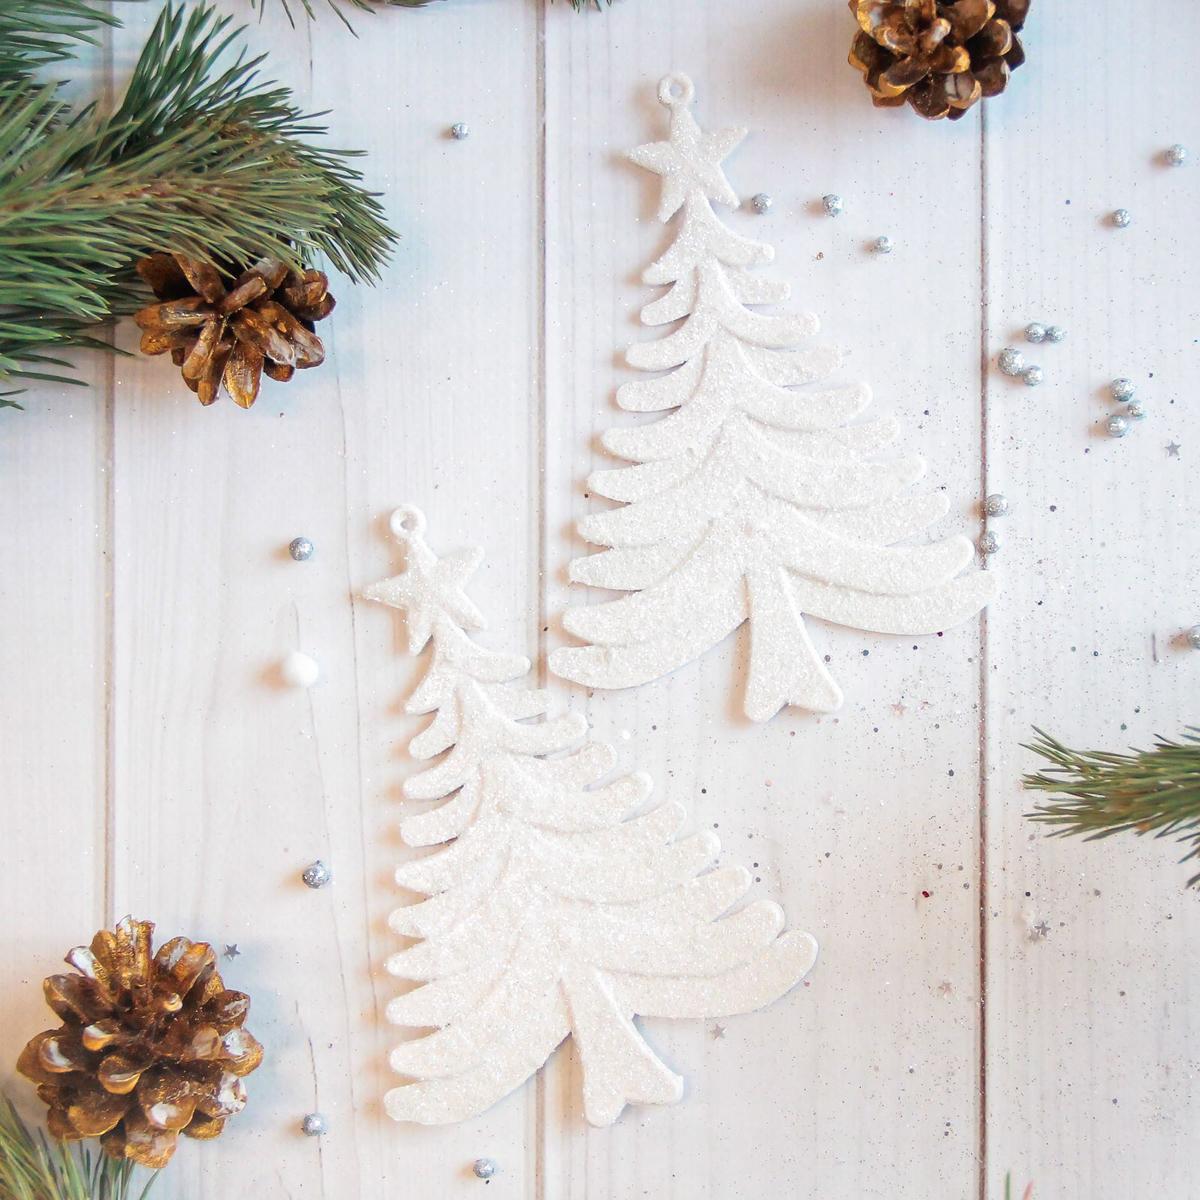 Набор новогодних подвесных украшений Sima-land Елки, 9 х 13 см, 2 шт2371303Набор новогодних подвесных украшений Sima-land отлично подойдет для декорации вашего дома и новогодней ели. Новогодние украшения можно повесить в любом понравившемся вам месте. Но, конечно, удачнее всего они будет смотреться на праздничной елке.Елочная игрушка - символ Нового года. Она несет в себе волшебство и красоту праздника. Такое украшение создаст в вашем доме атмосферу праздника, веселья и радости.